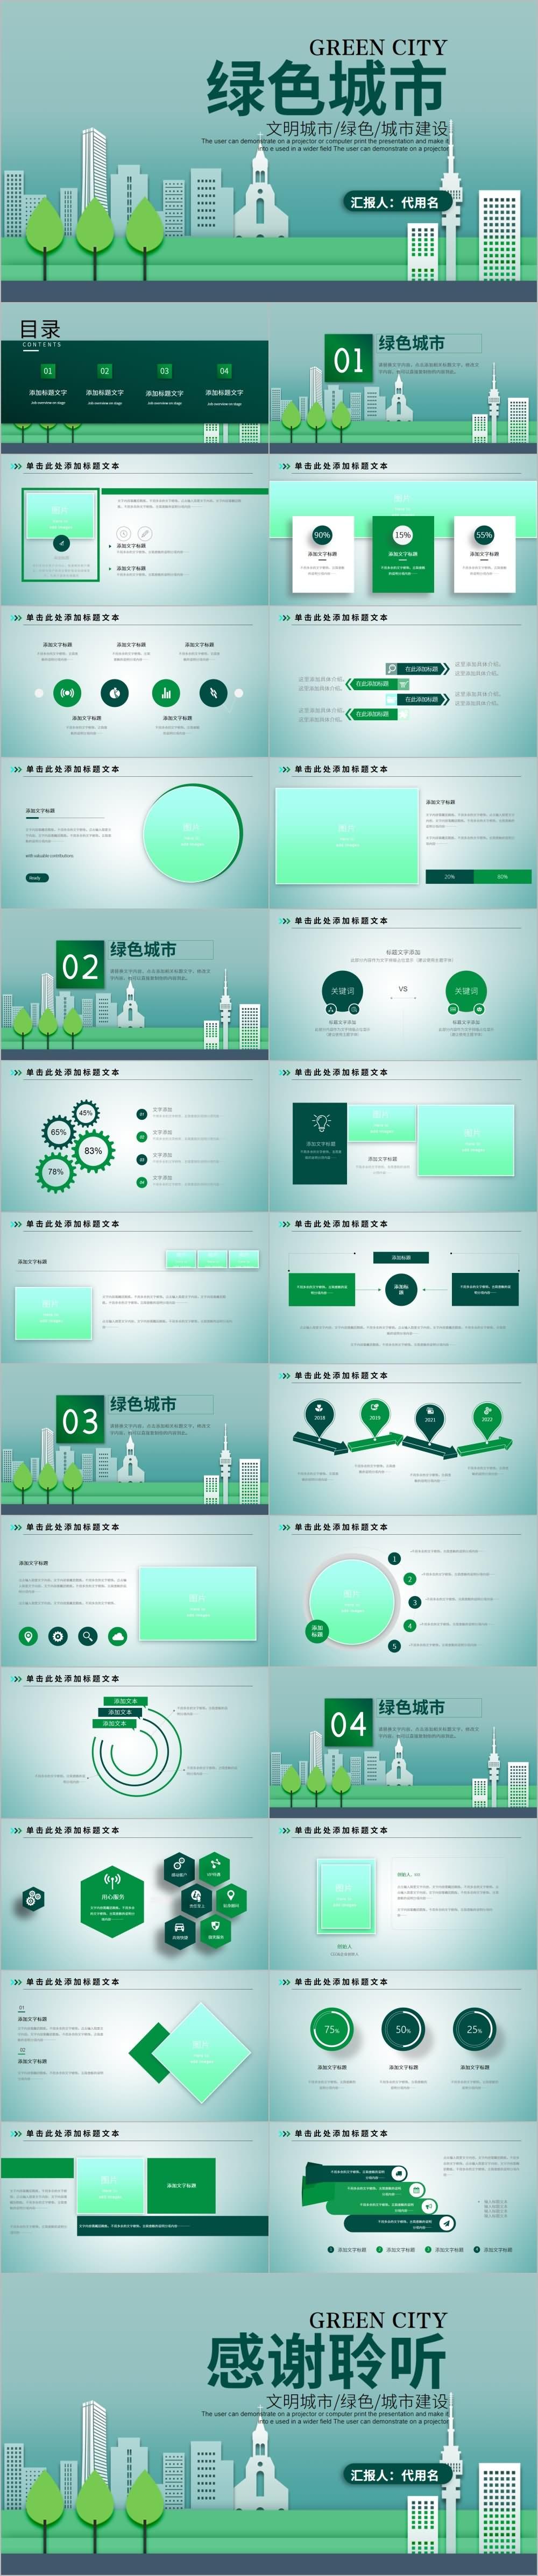 绿色城市文明城市建设汇报PPT模板